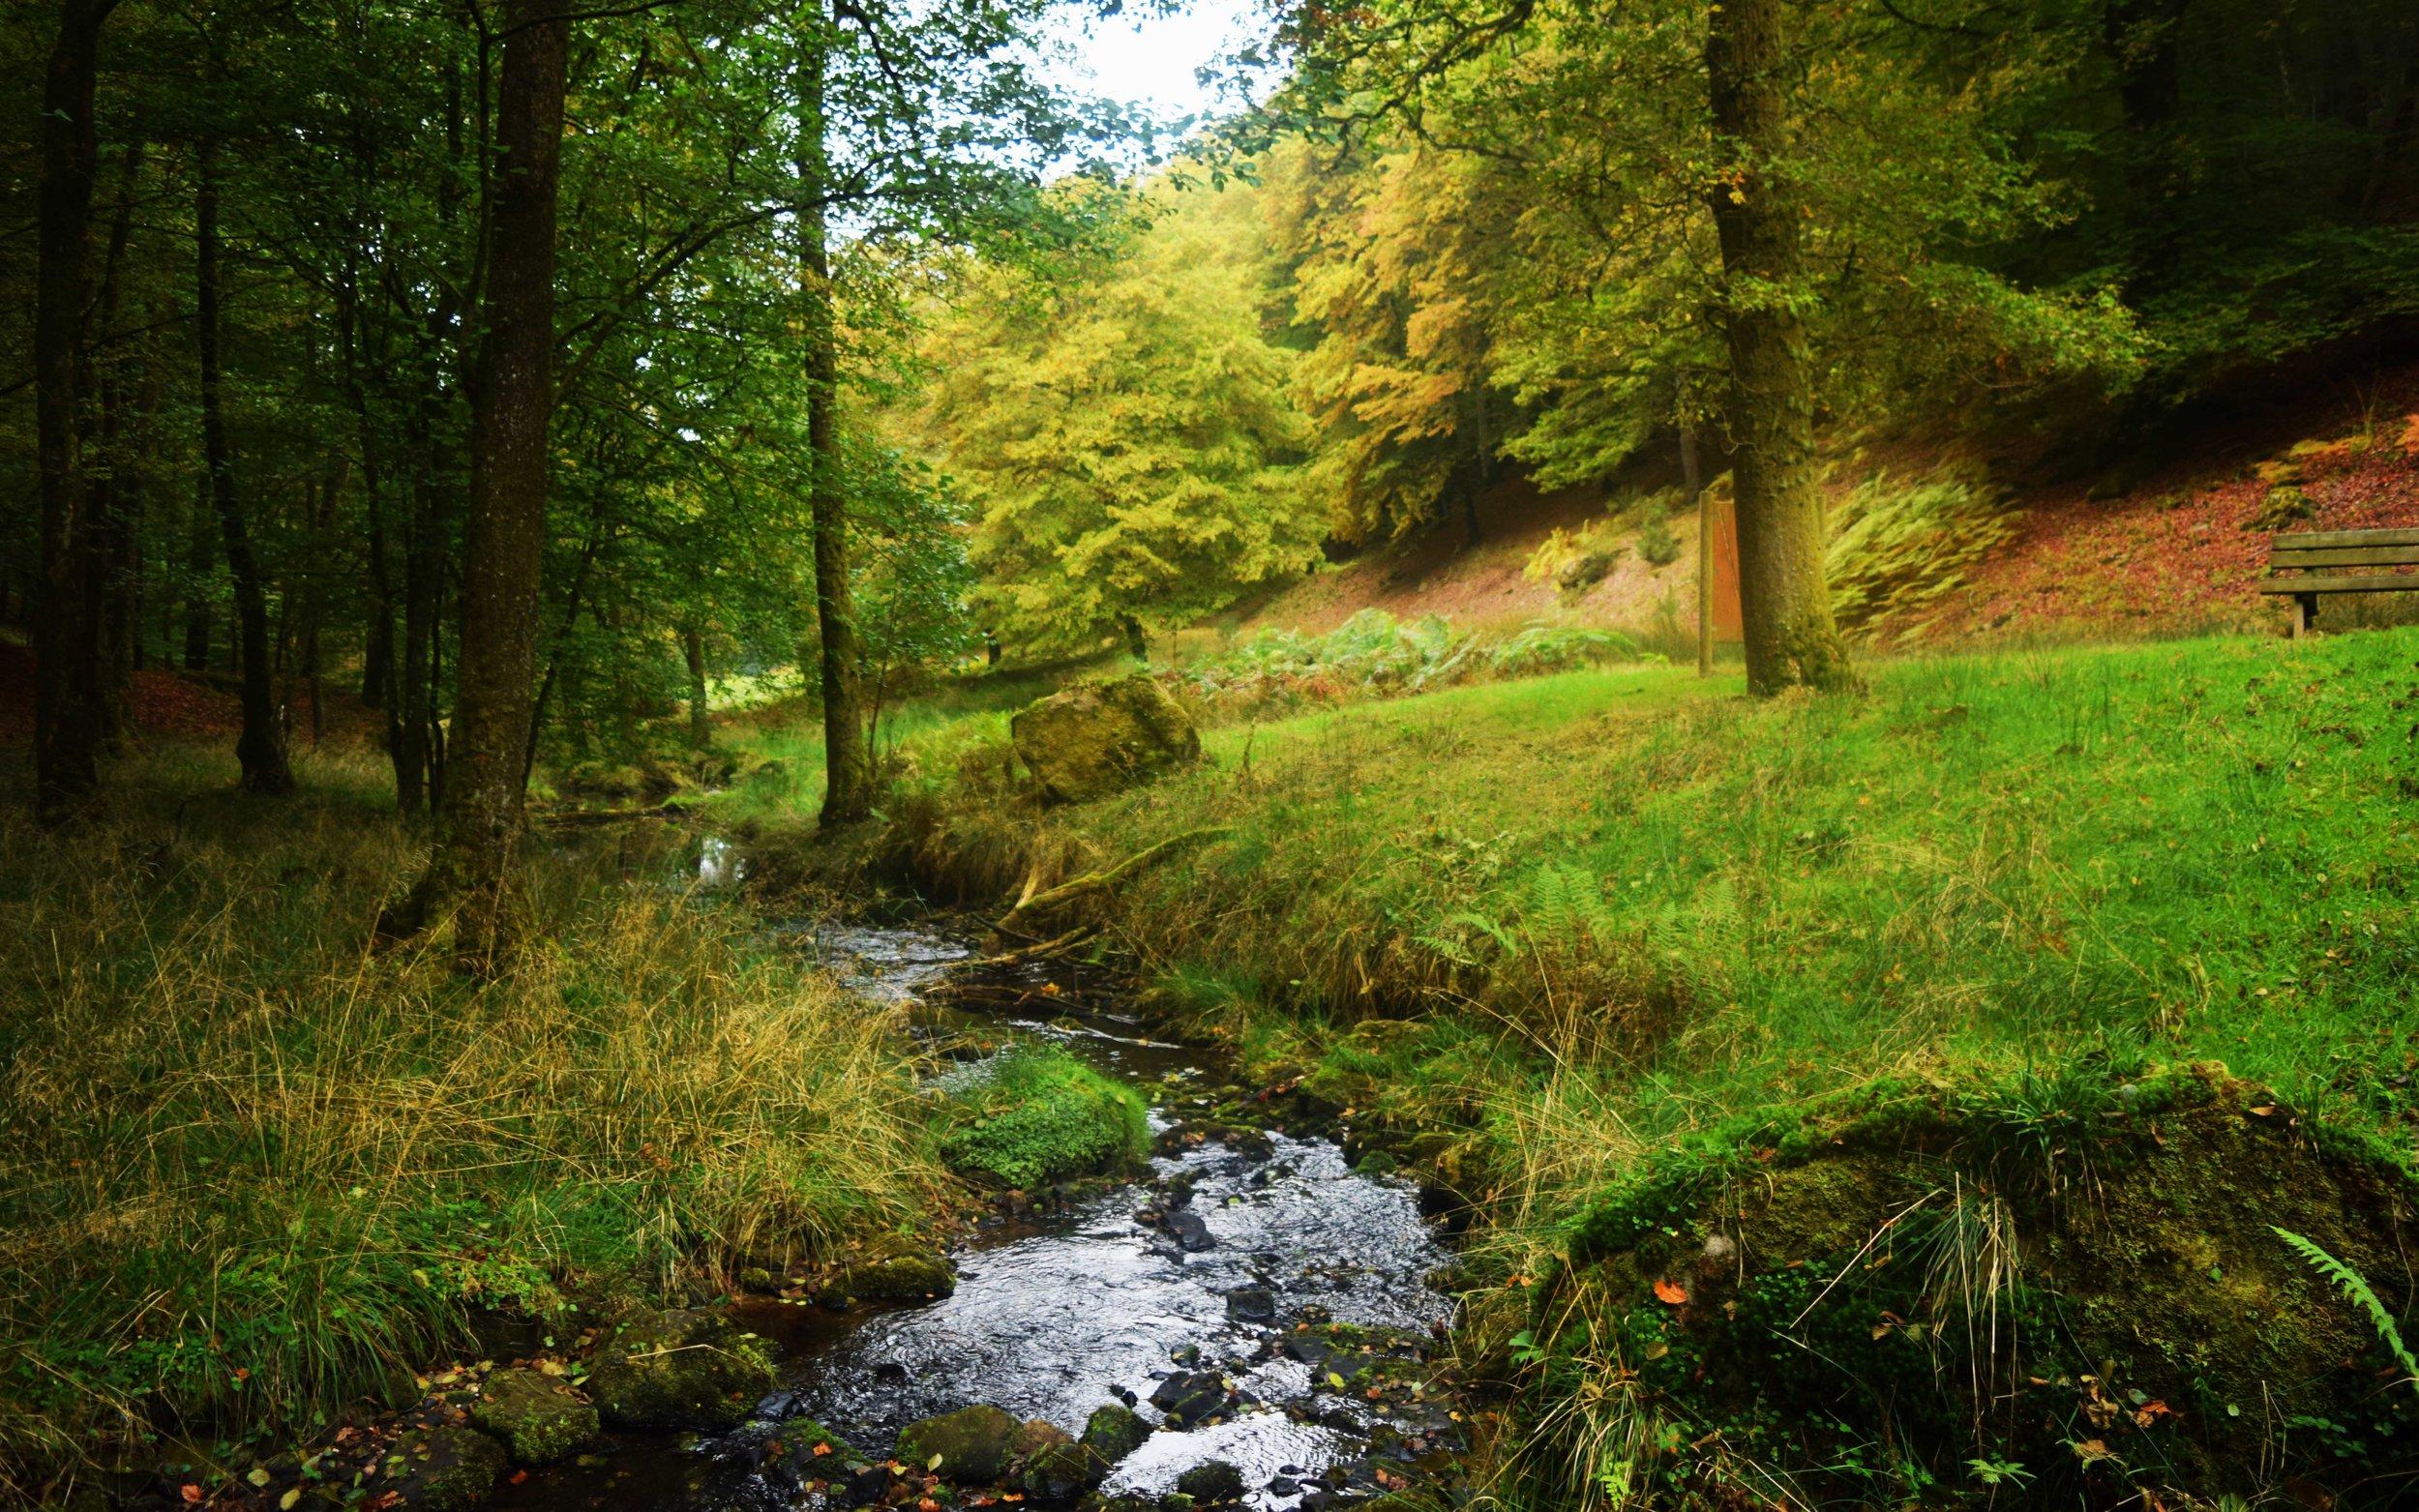 Balade biodiversité - Ecobalade - crédit sabine Meneut